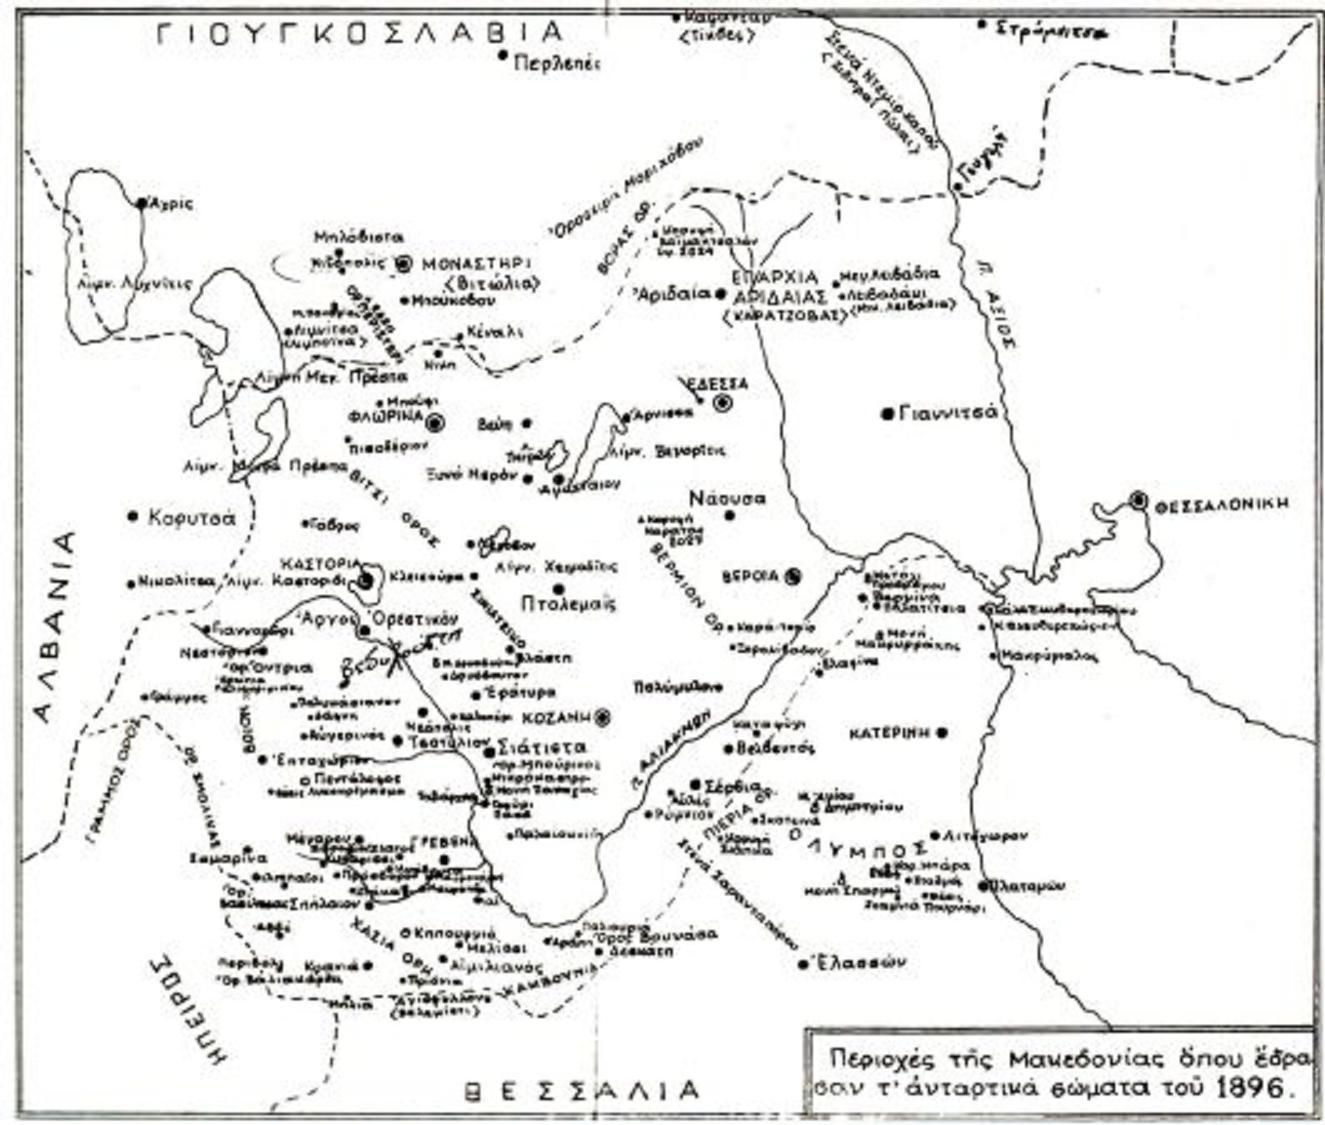 Τὸ ἀντὰρτικο κίνημα τοῦ 1896, στὴν Μακεδονία…1